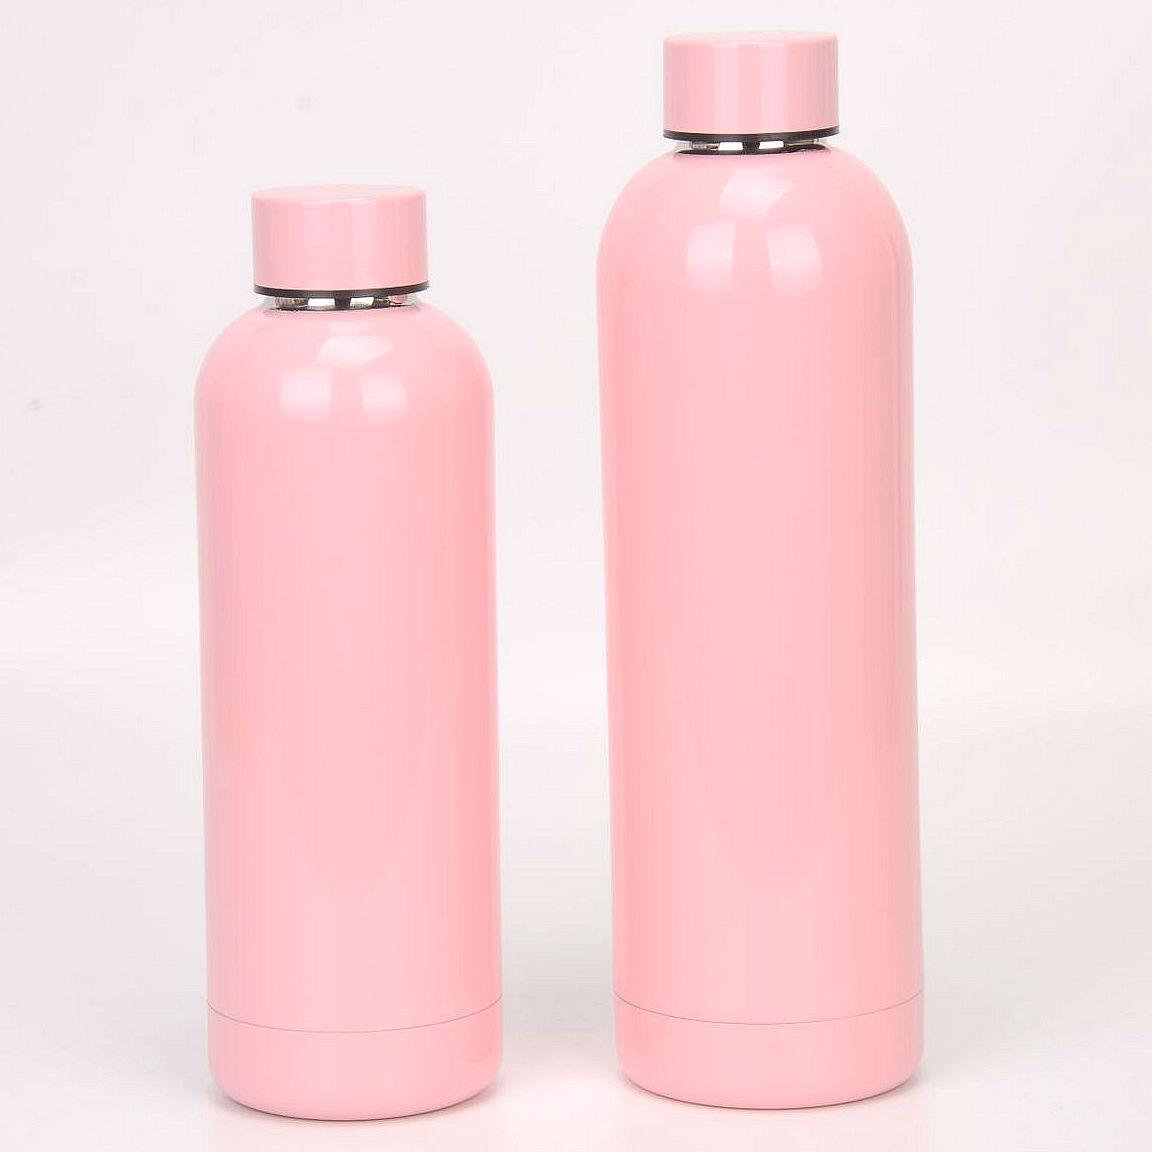 欧美爆款304不锈钢小口真空保温杯创意礼品水杯运动水壶工厂现货